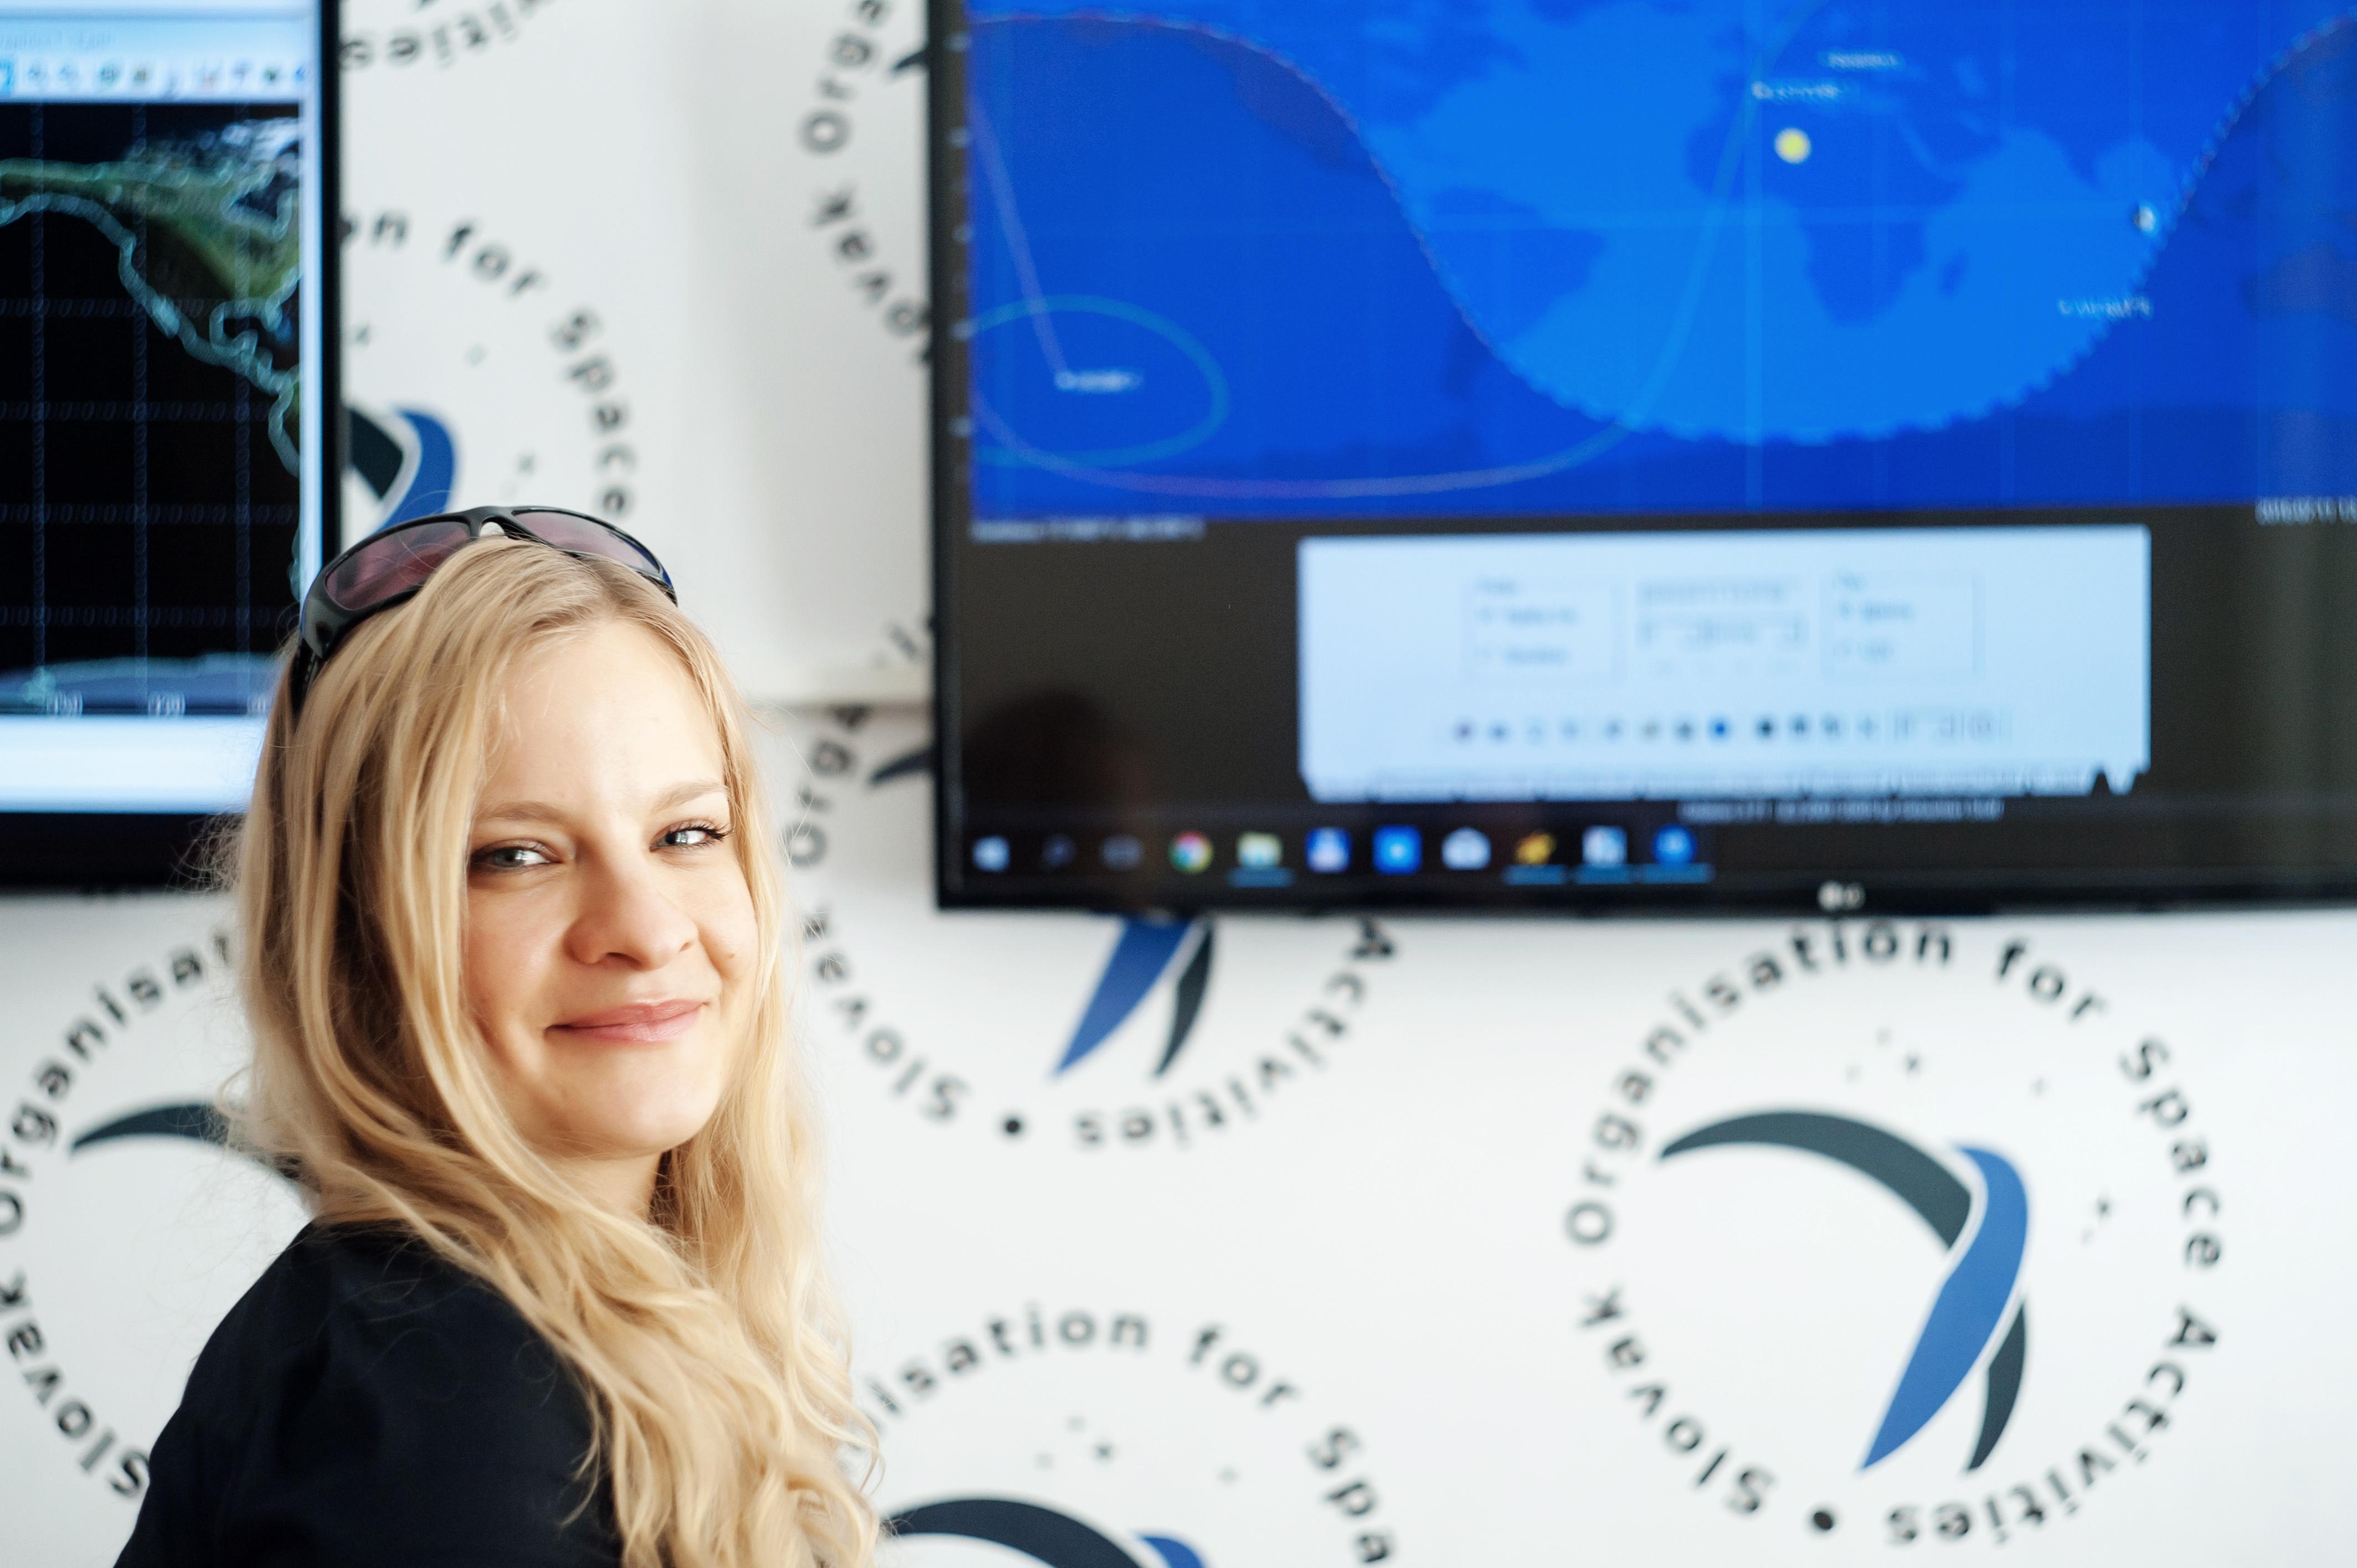 Slovensko bude súčasťou budúcich simulovaných misií na Mesiac aMars